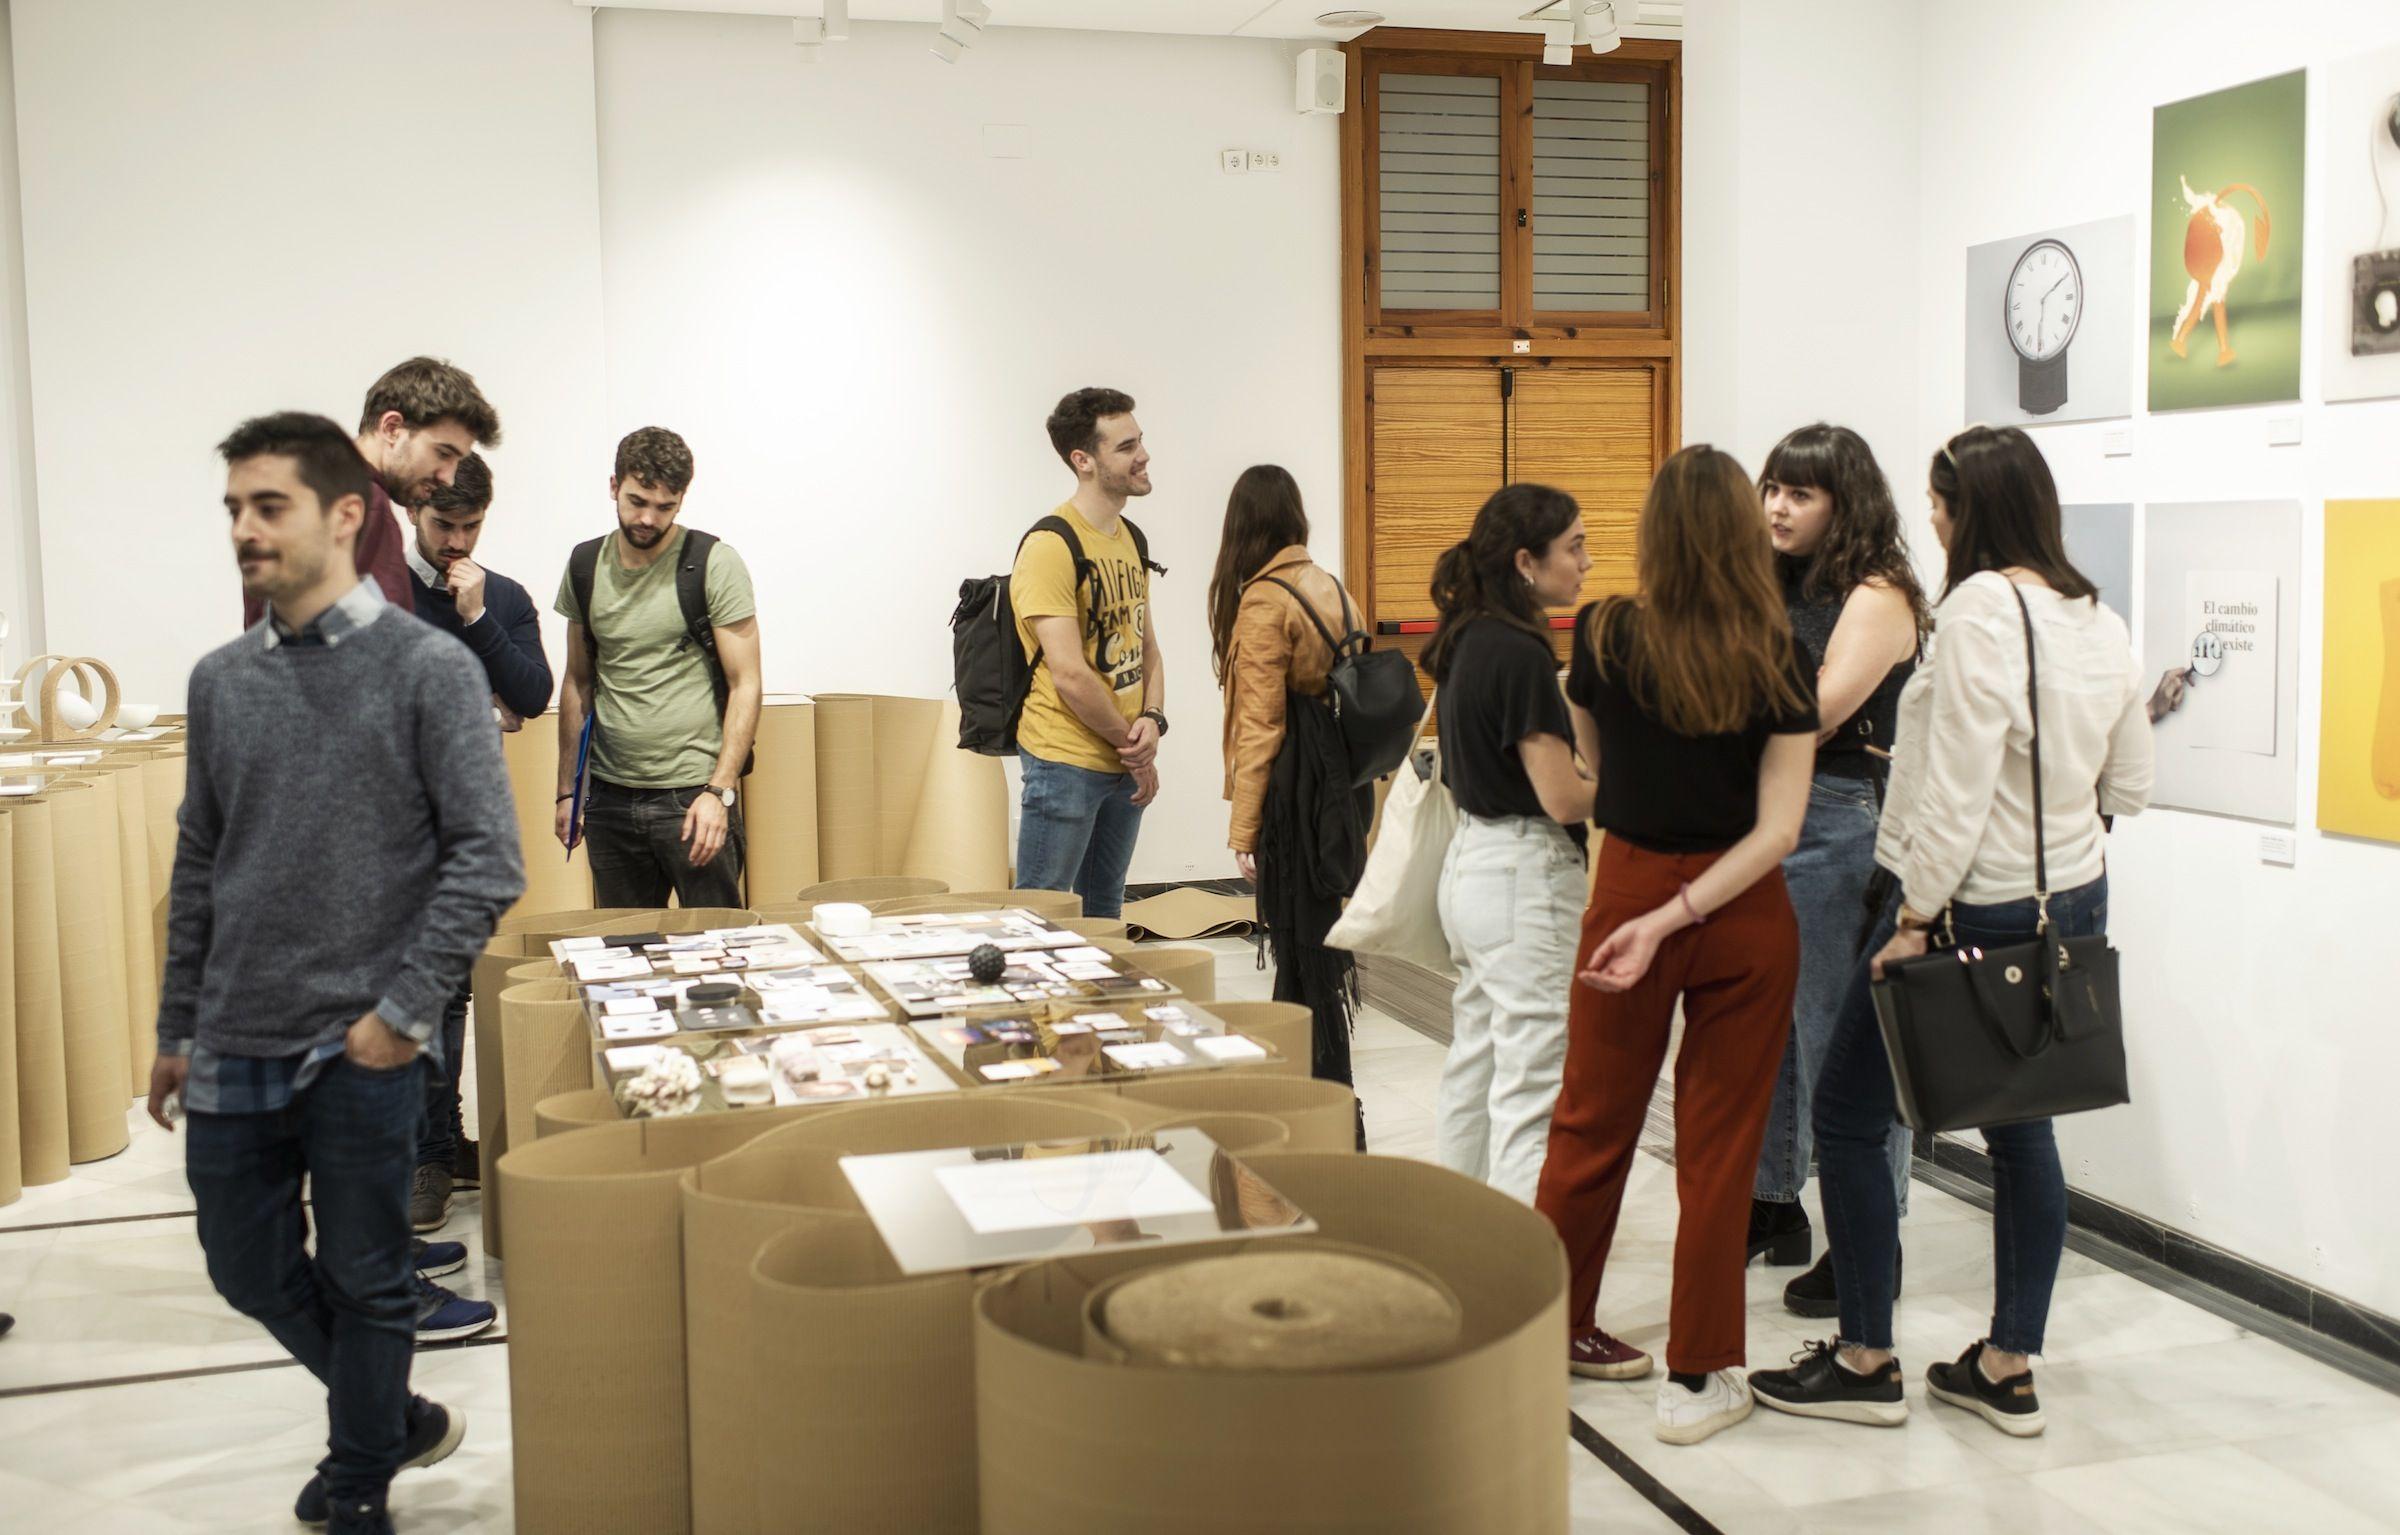 La exposición de jóvenes diseñadores de los Másteres en Diseño de la CEU UCH, Design Works 2020, abierta esta semana al público en el Palacio de Colomina de Valencia.